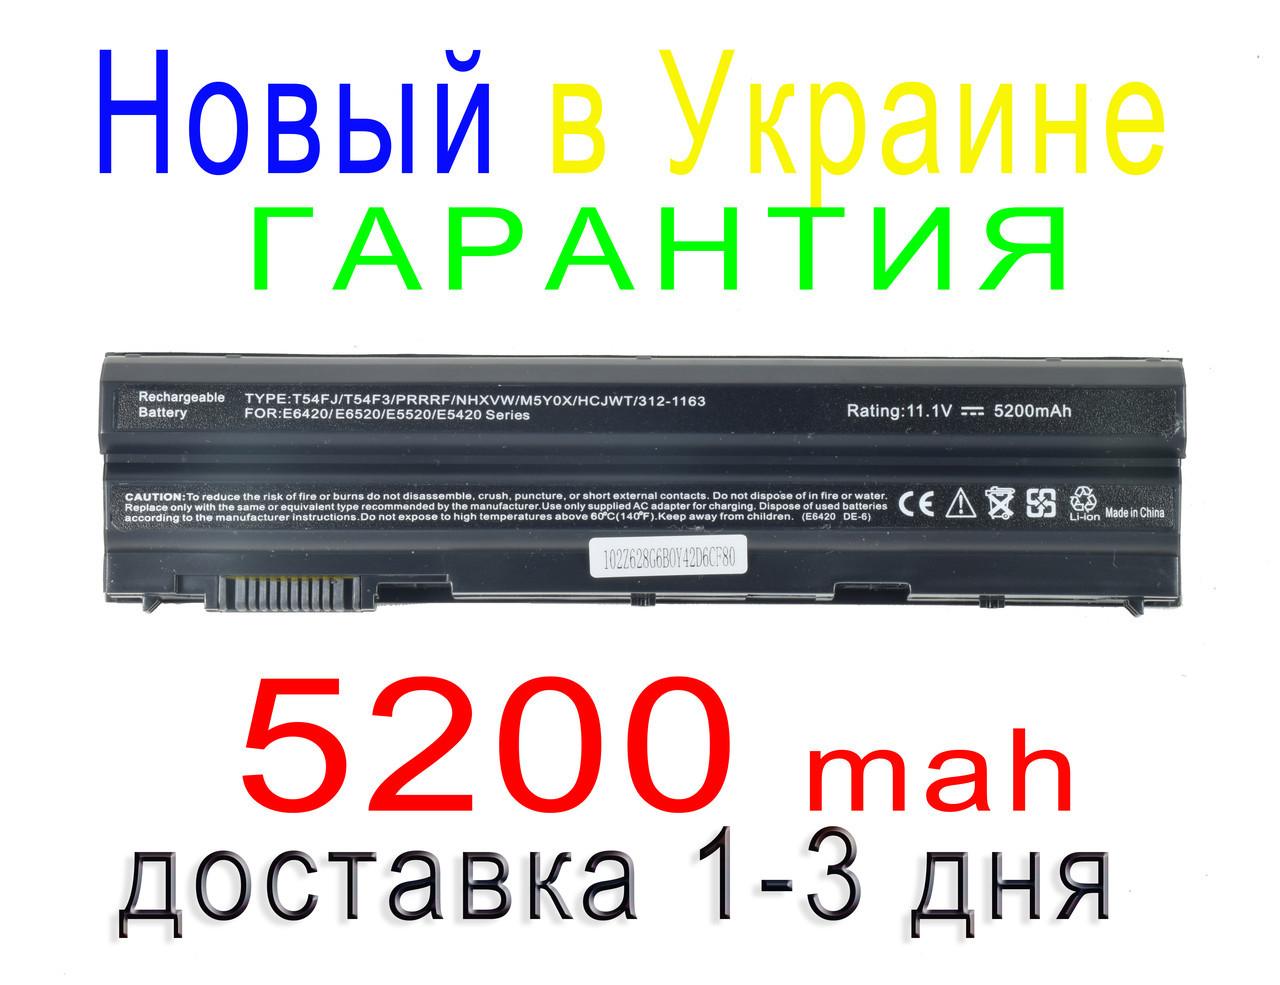 Аккумулятор батарея DELL Latitude E5520 N-Series E5520 E5520M E5530 E6420 ATG E6420 XFR E6420 E6430 ATG